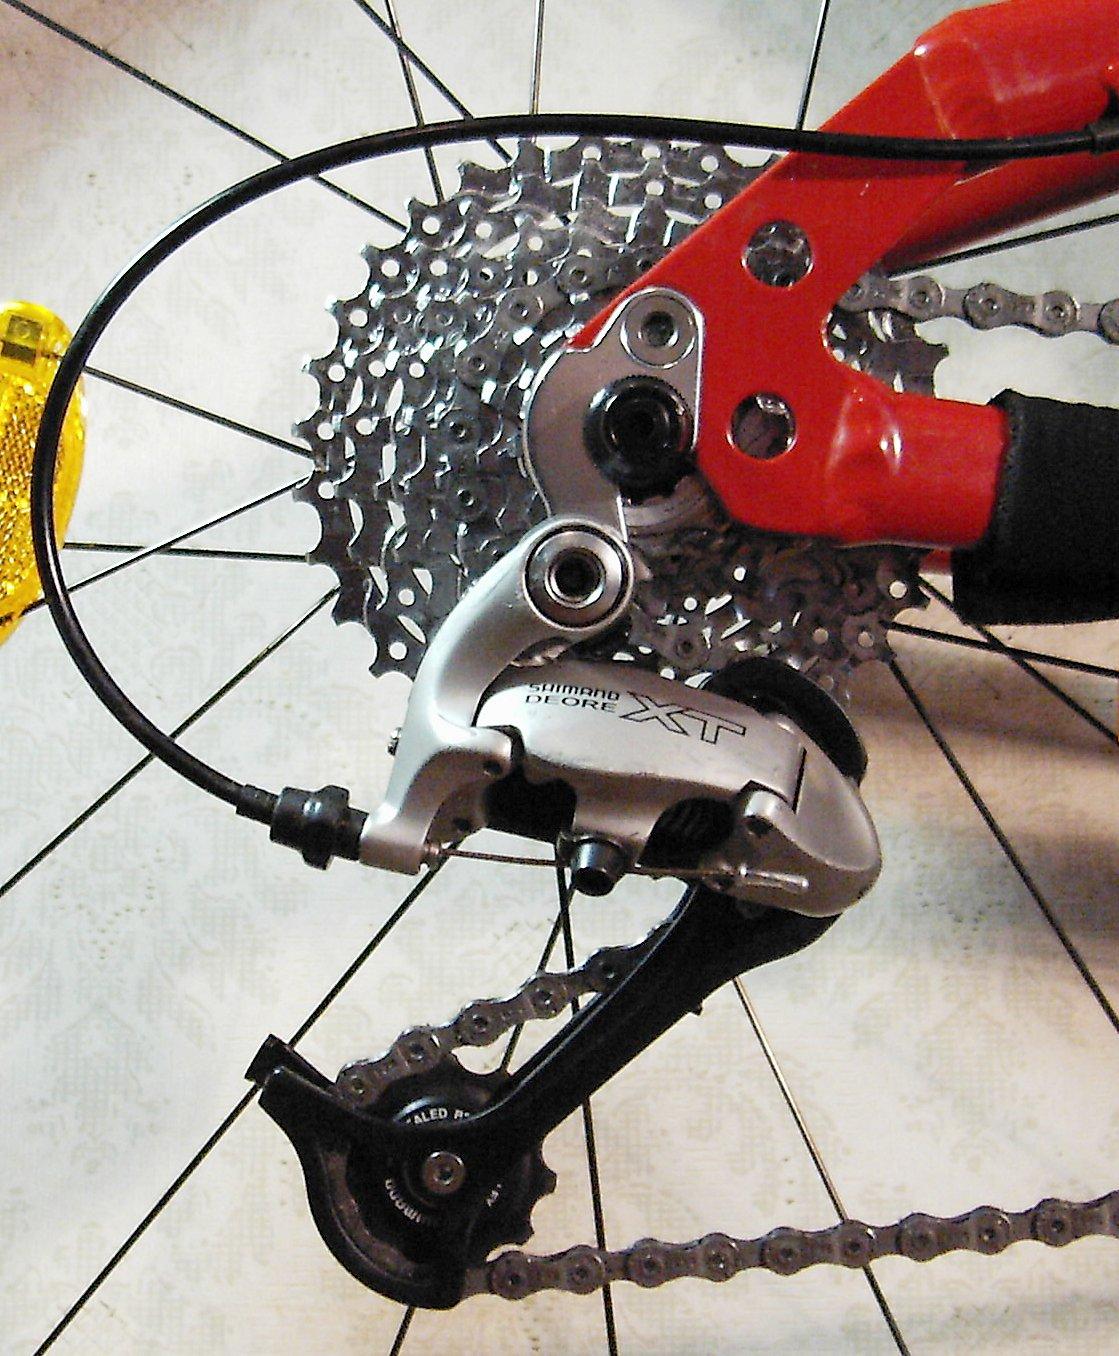 10 Speed Bike Gear Diagram : Shimano xt rear derailleur on a mountain bike images frompo